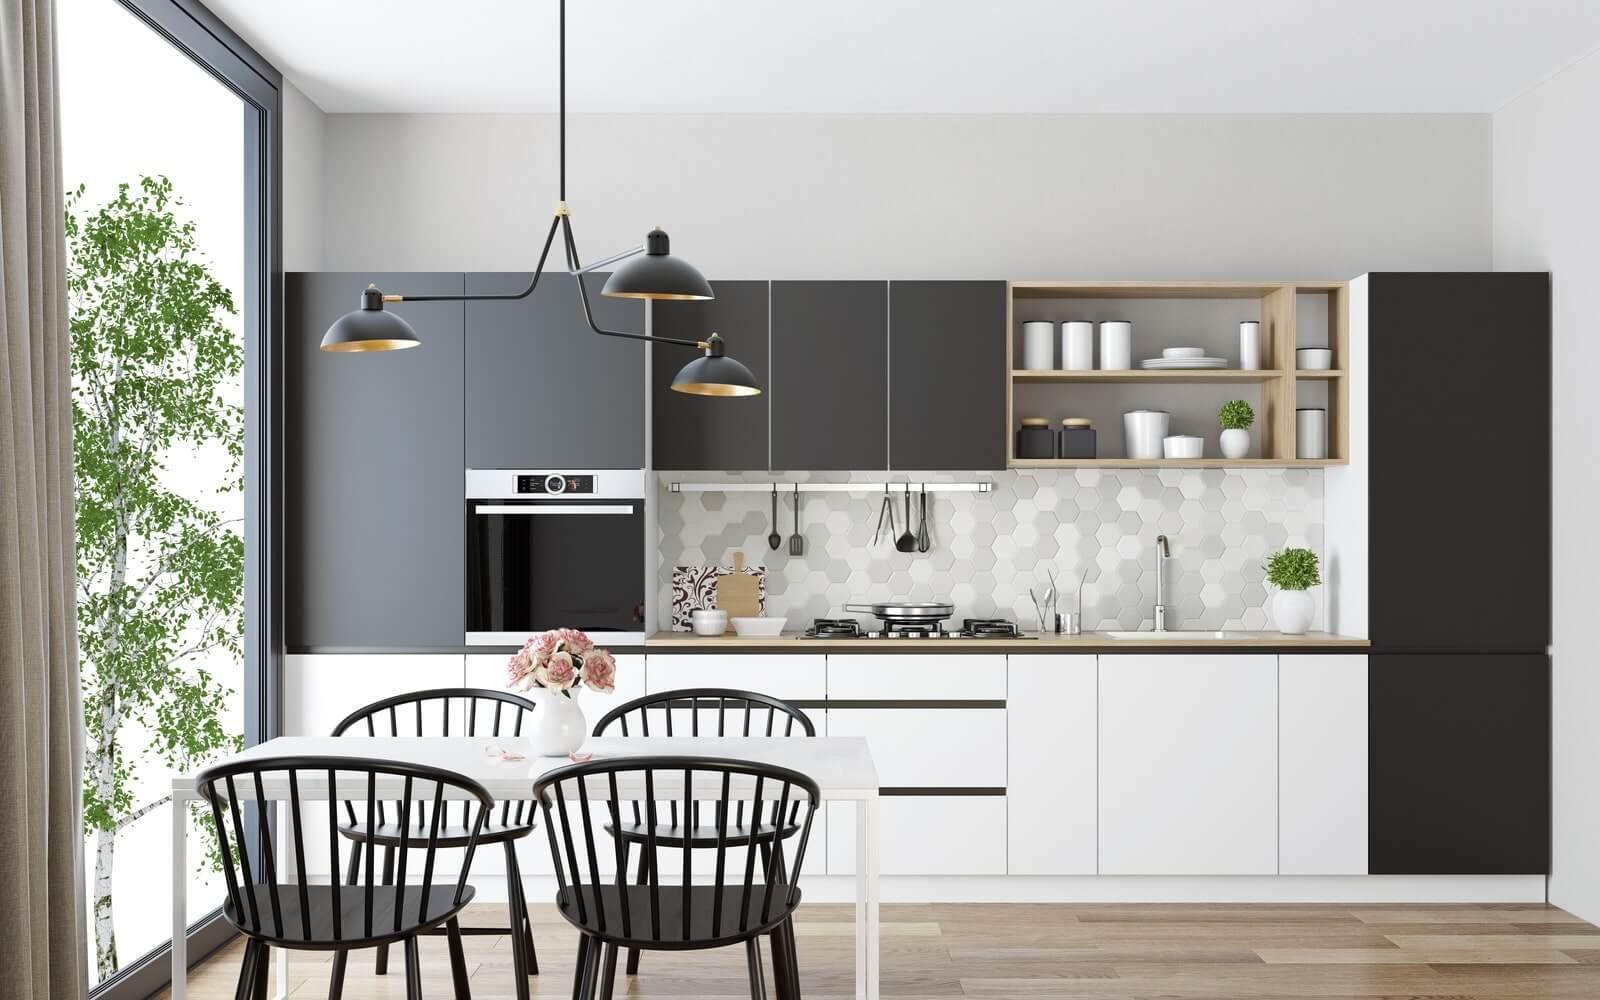 Giải pháp thiết kế phòng bếp chung cư đẹp